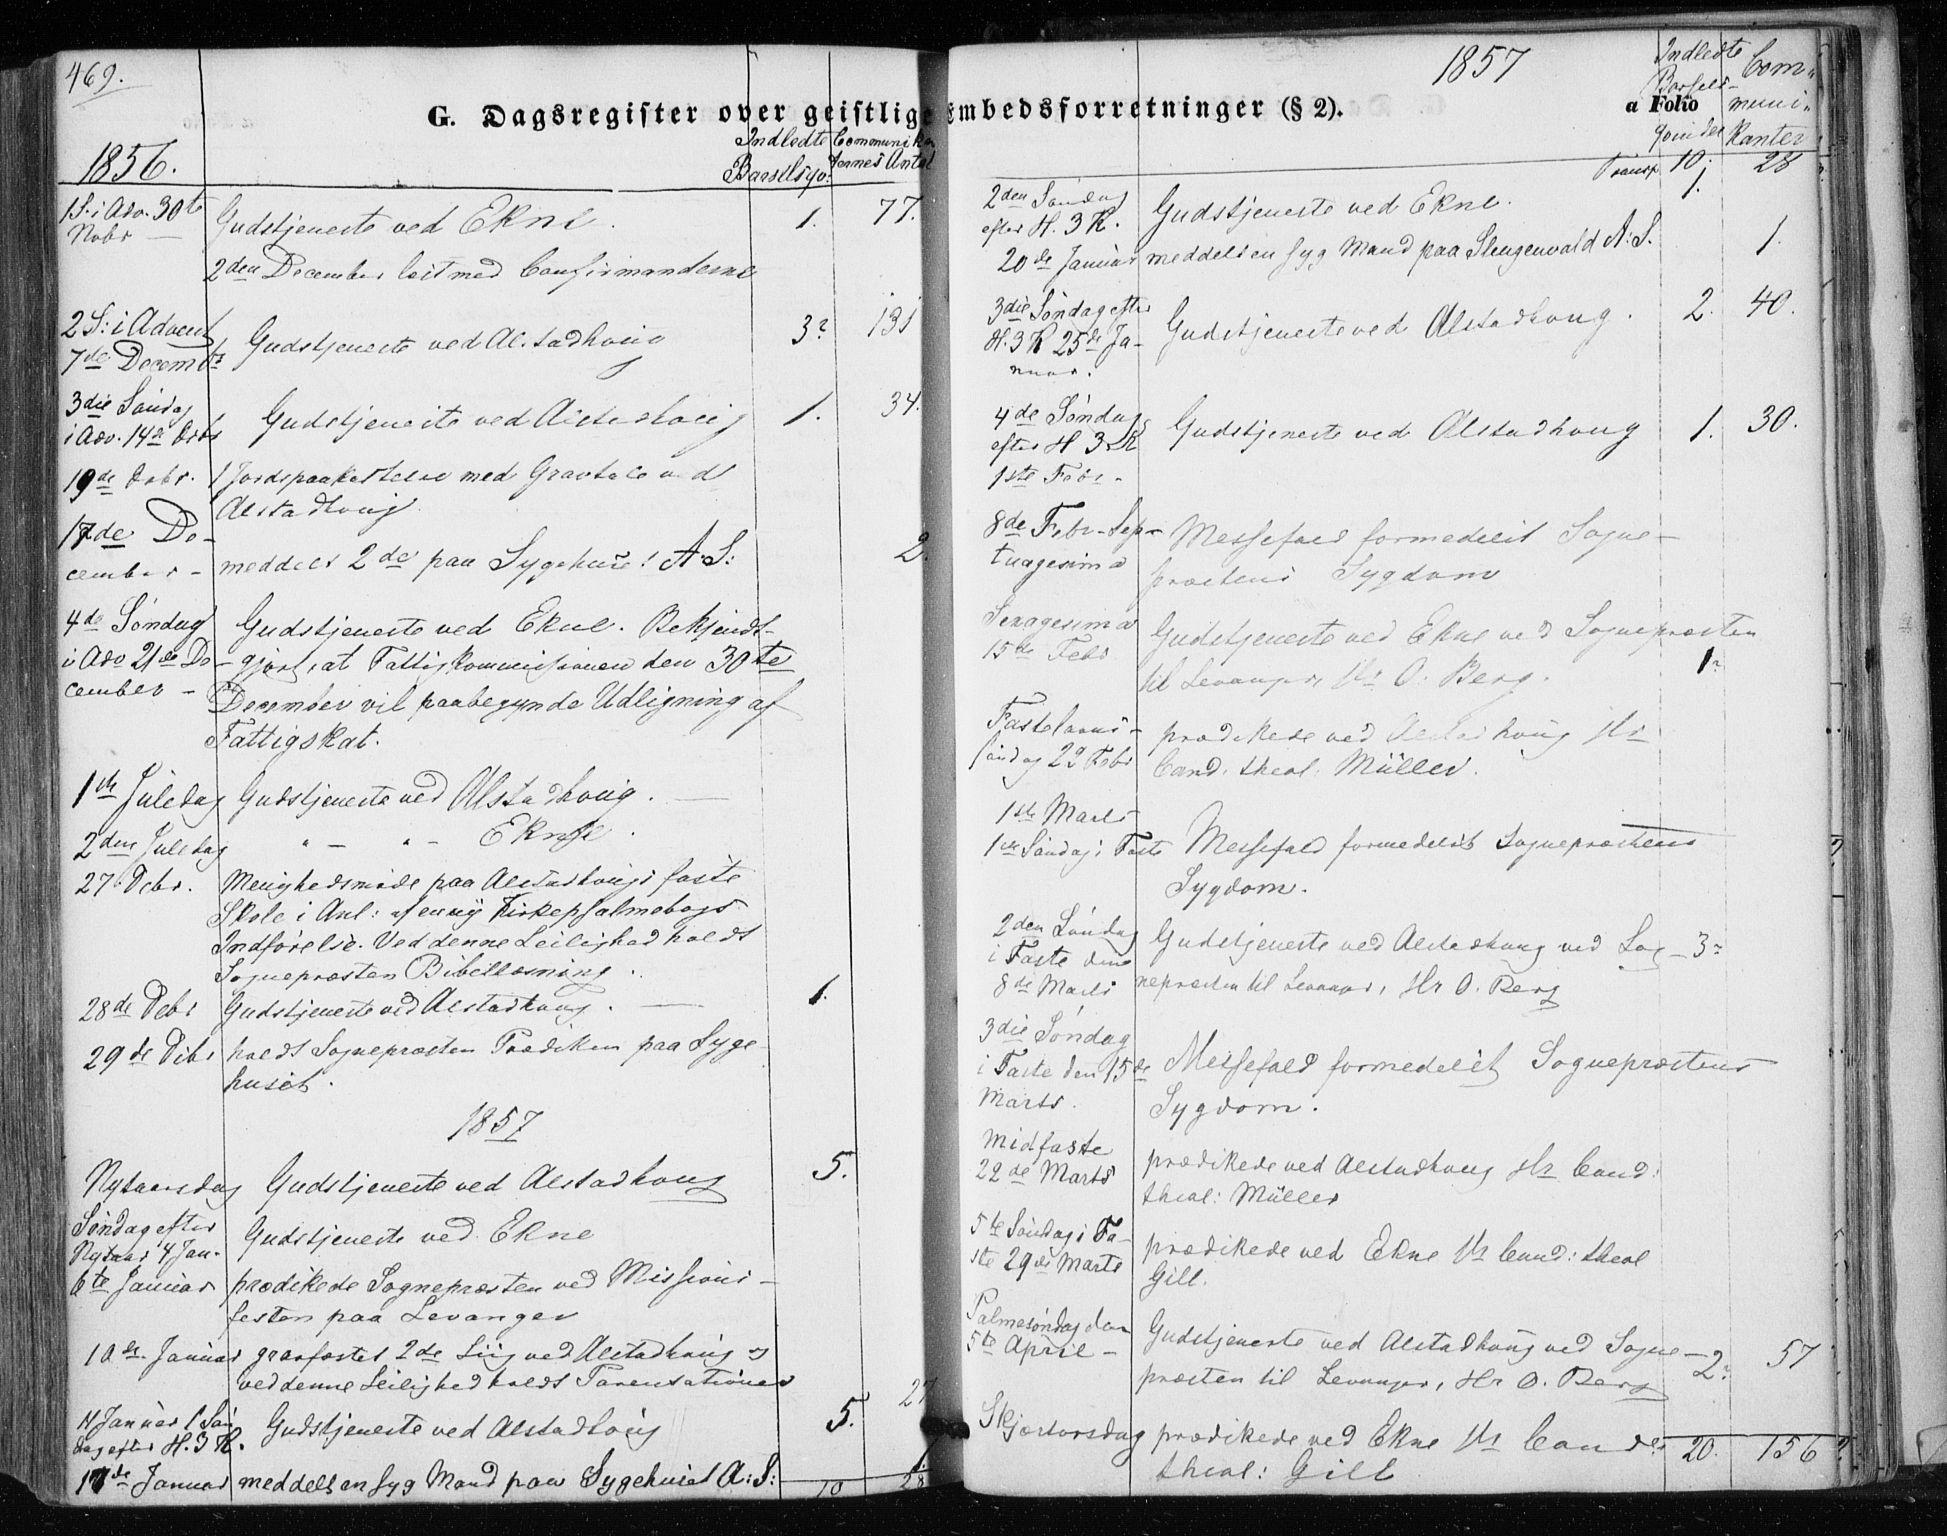 SAT, Ministerialprotokoller, klokkerbøker og fødselsregistre - Nord-Trøndelag, 717/L0154: Ministerialbok nr. 717A07 /1, 1850-1862, s. 469